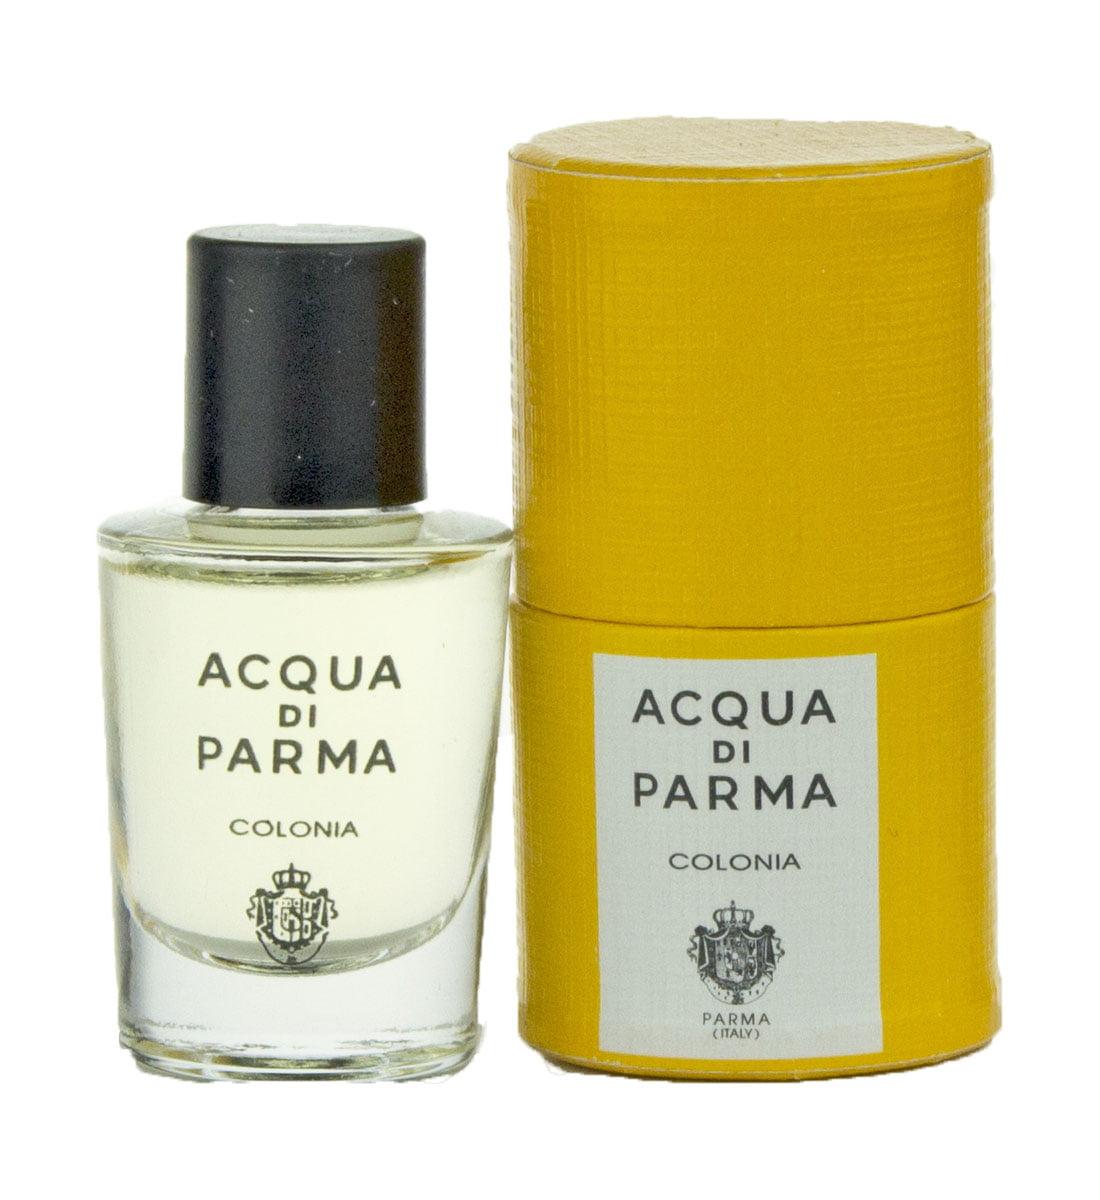 Acqua Di Parma 'Colonia' Eau De Cologne 0.16 oz / 5 ml Mini Splash In Box